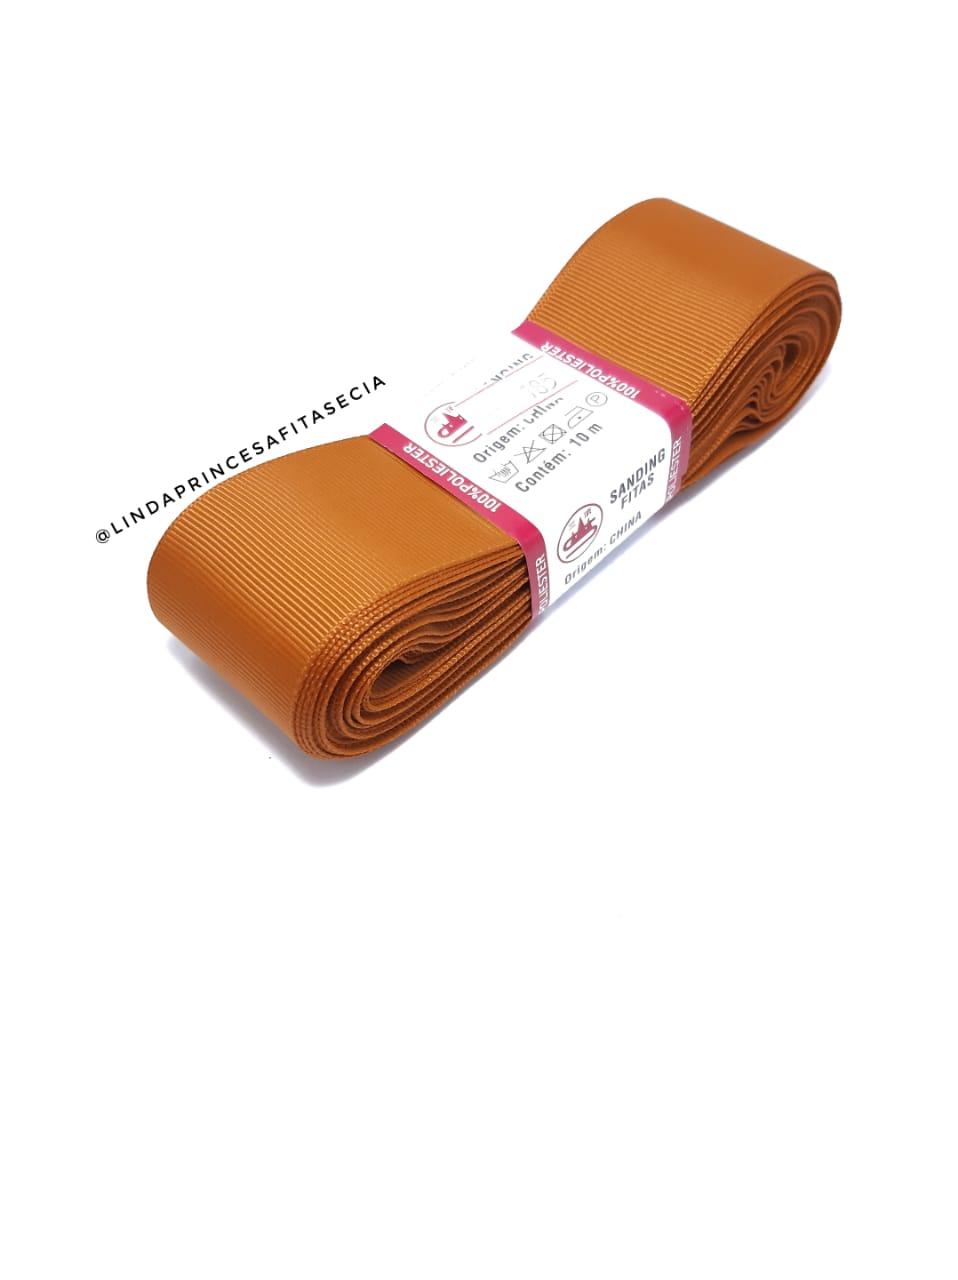 FITA SANDING - Cor: 185 Caramelo